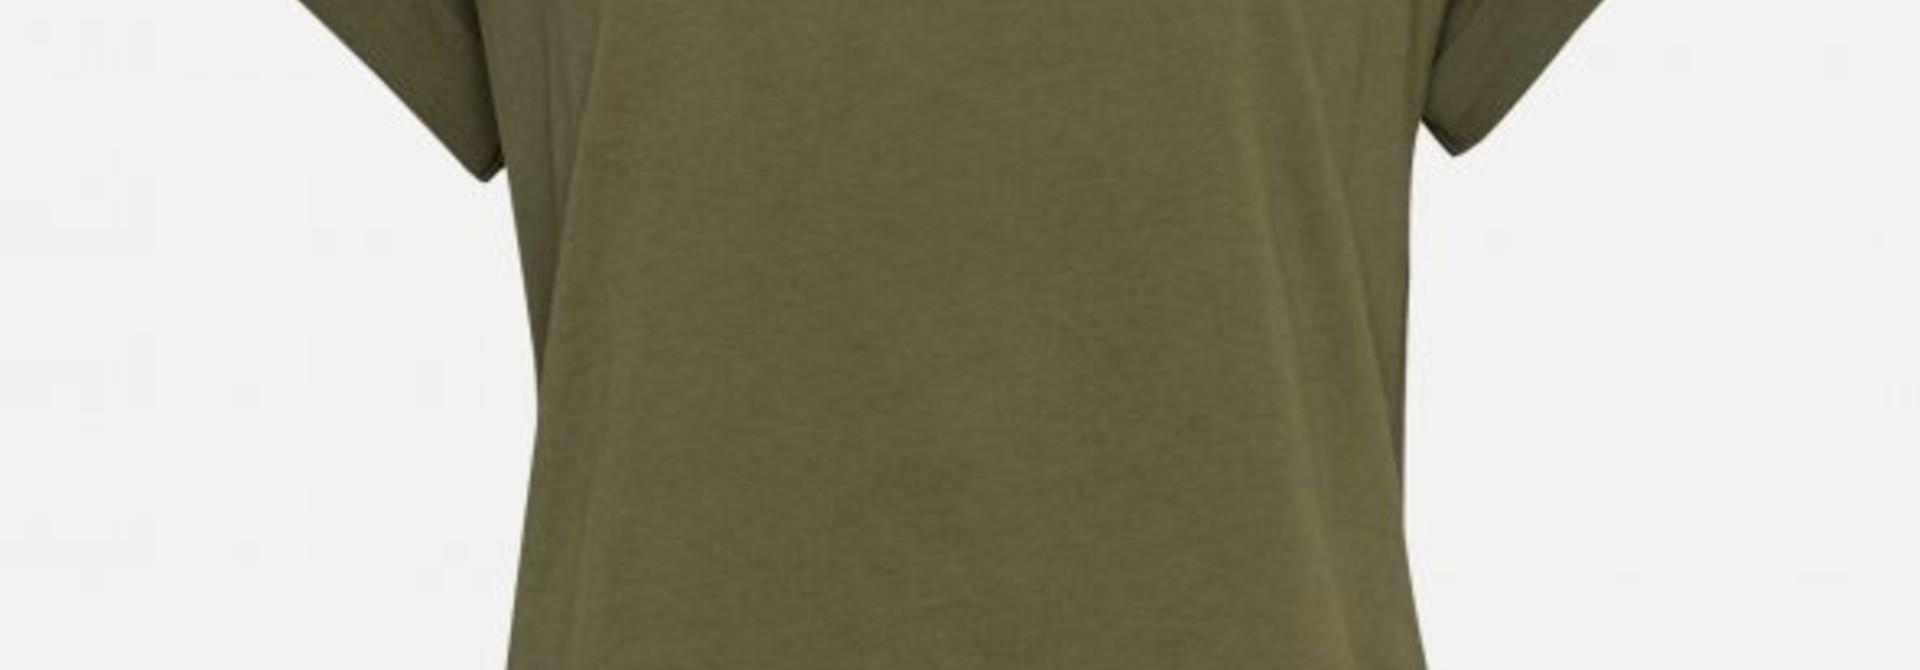 Alva T-shirt Capulet Olive Green